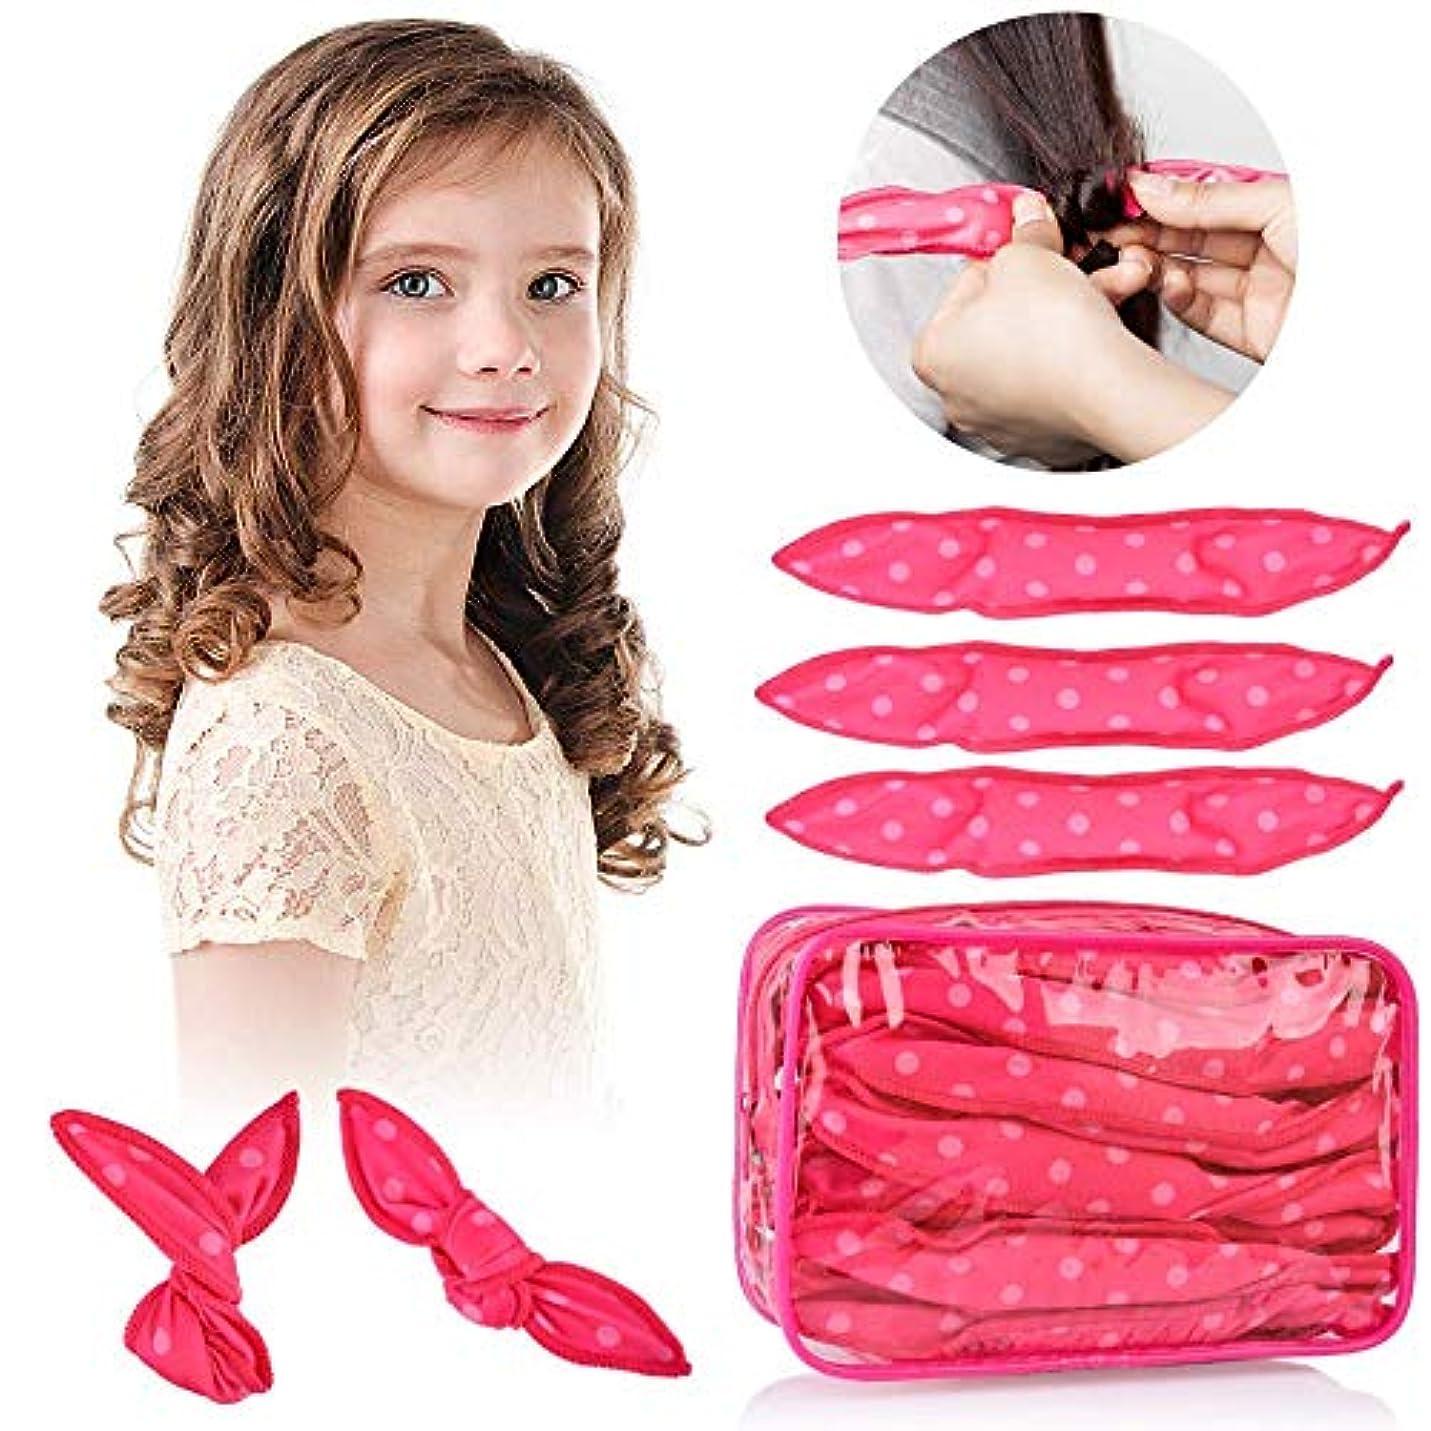 馬鹿あさりなめらかHailiCare ヘアカーラー スポンジ ヘアカーラーマジック 手巻きカーラー 30枚 ヘアケアスタイリング 巻き髪 前髪 寝ながら ヘアスタイル 可愛い 髪に無害 ピンク (ピンク)